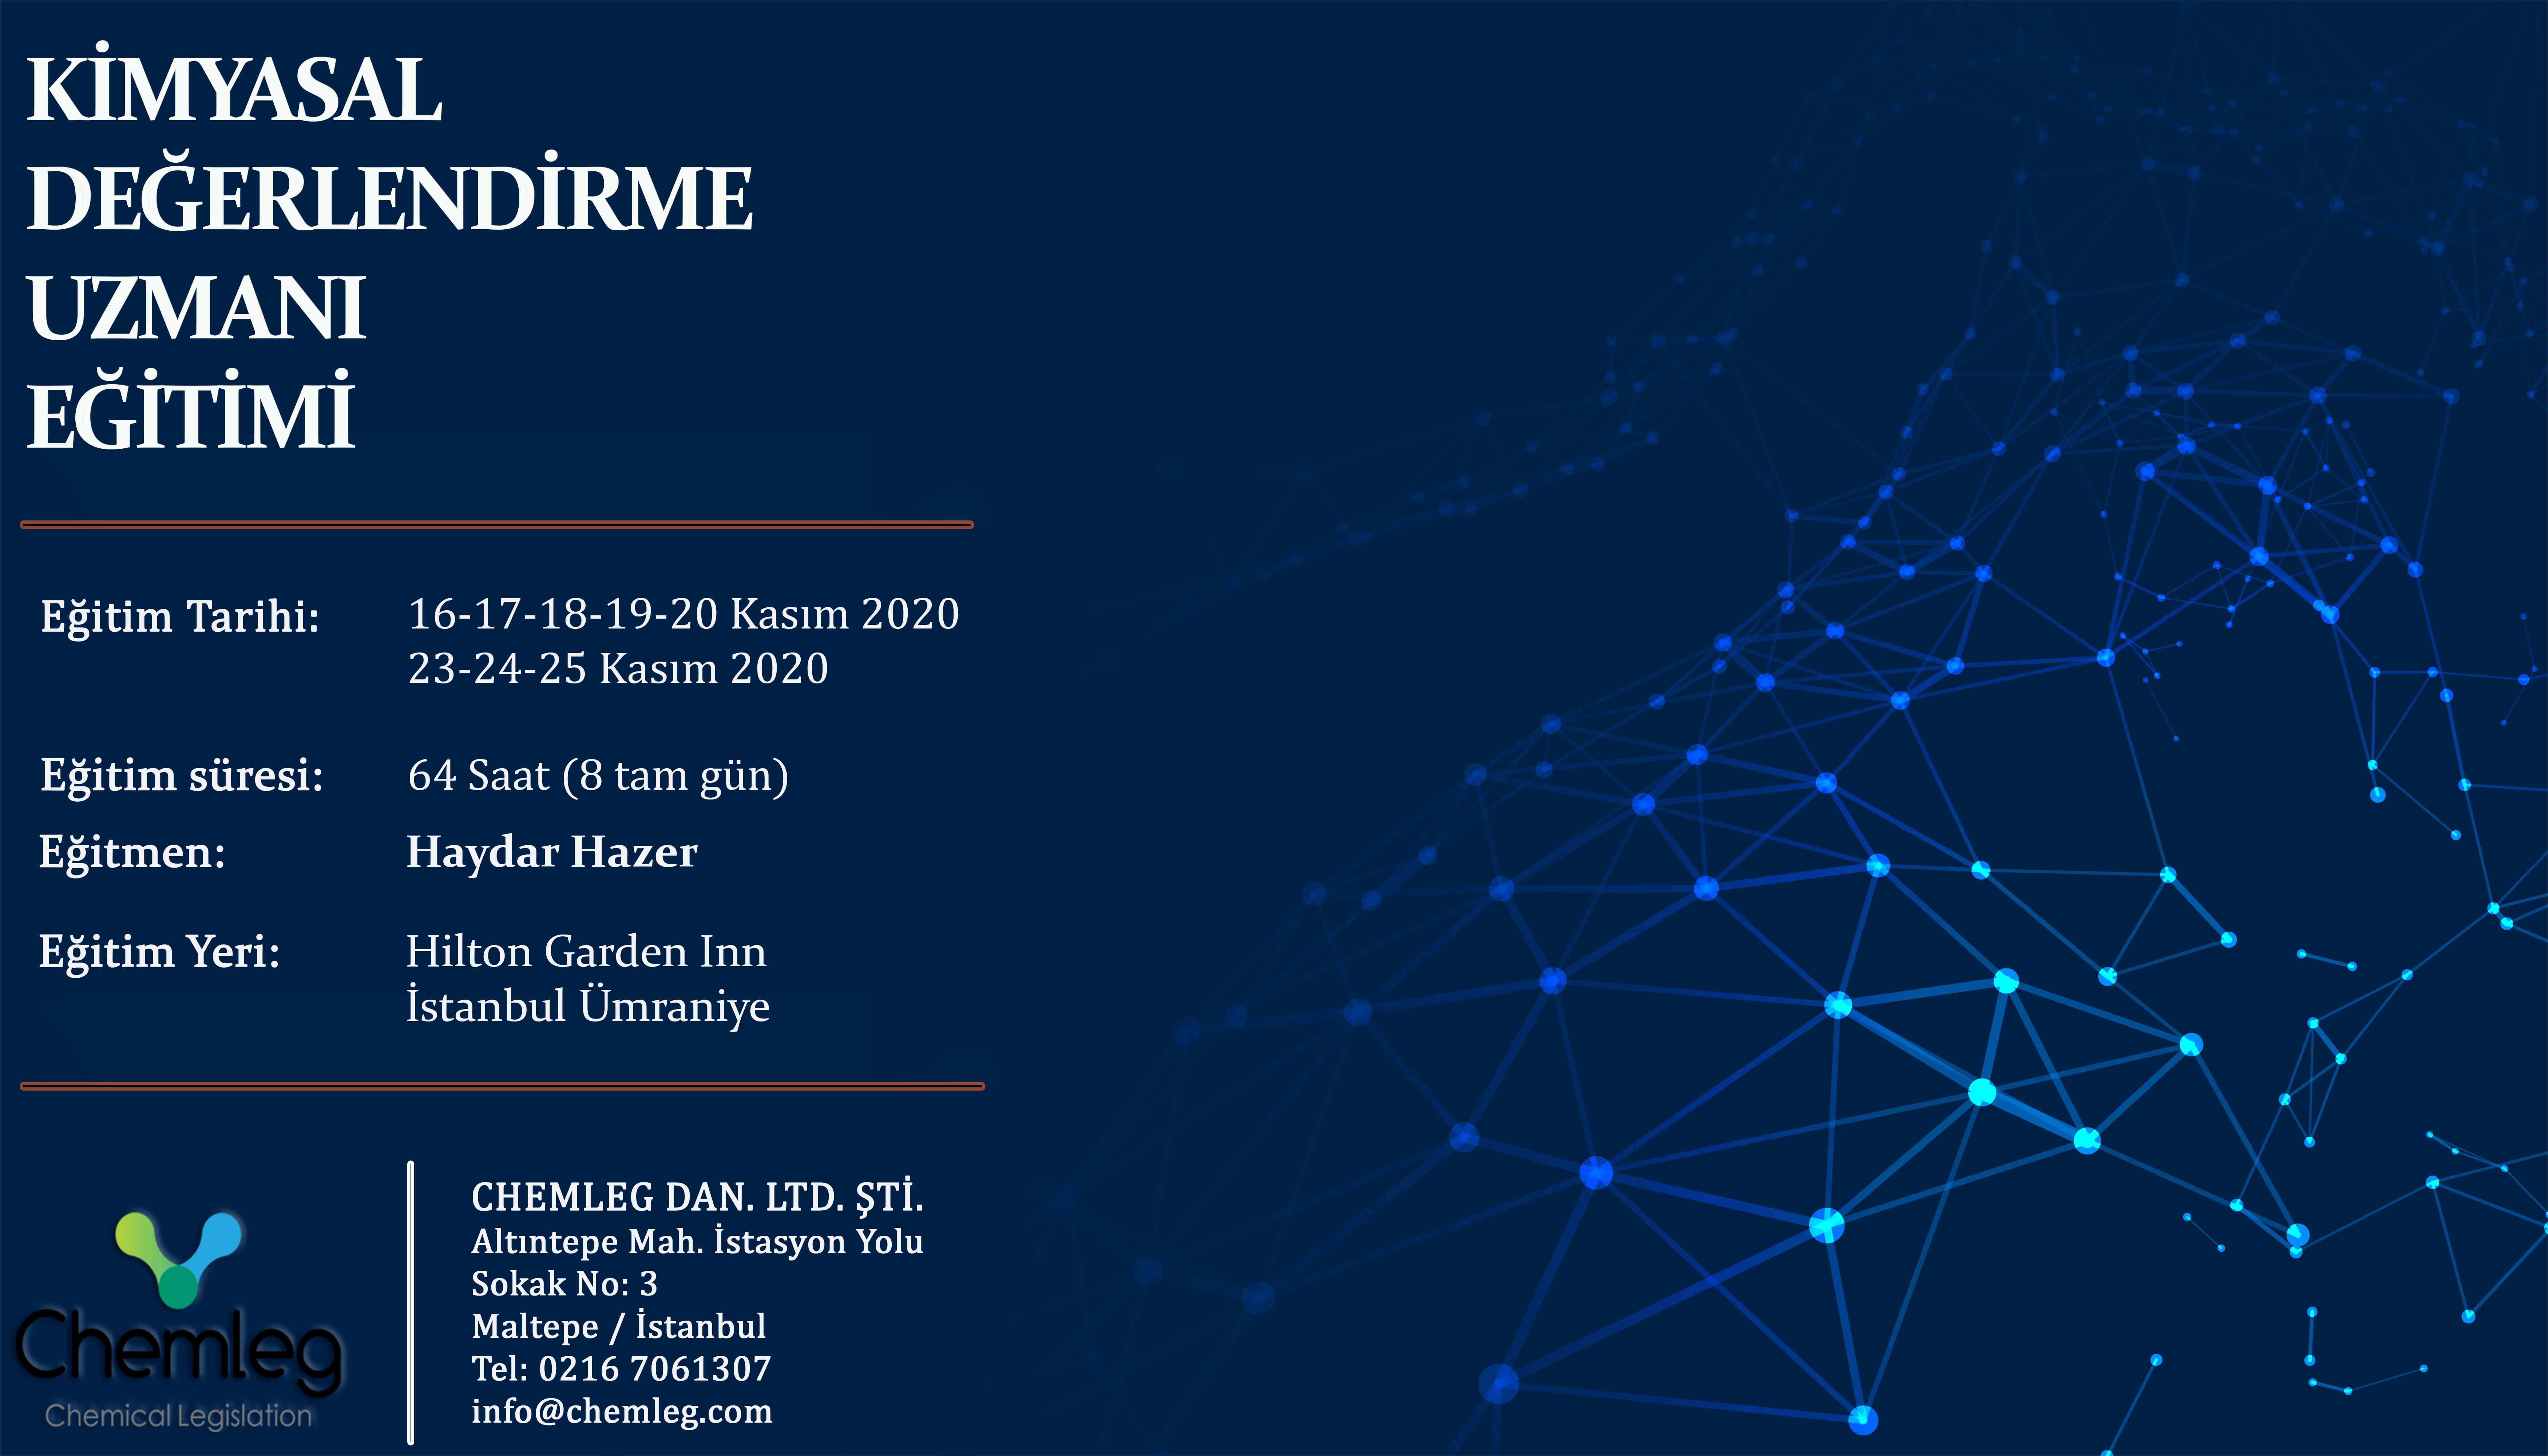 KASIM 2020 - KİMYASAL DEĞERLENDİRME UZMANI (KDU) EĞİTİMİ